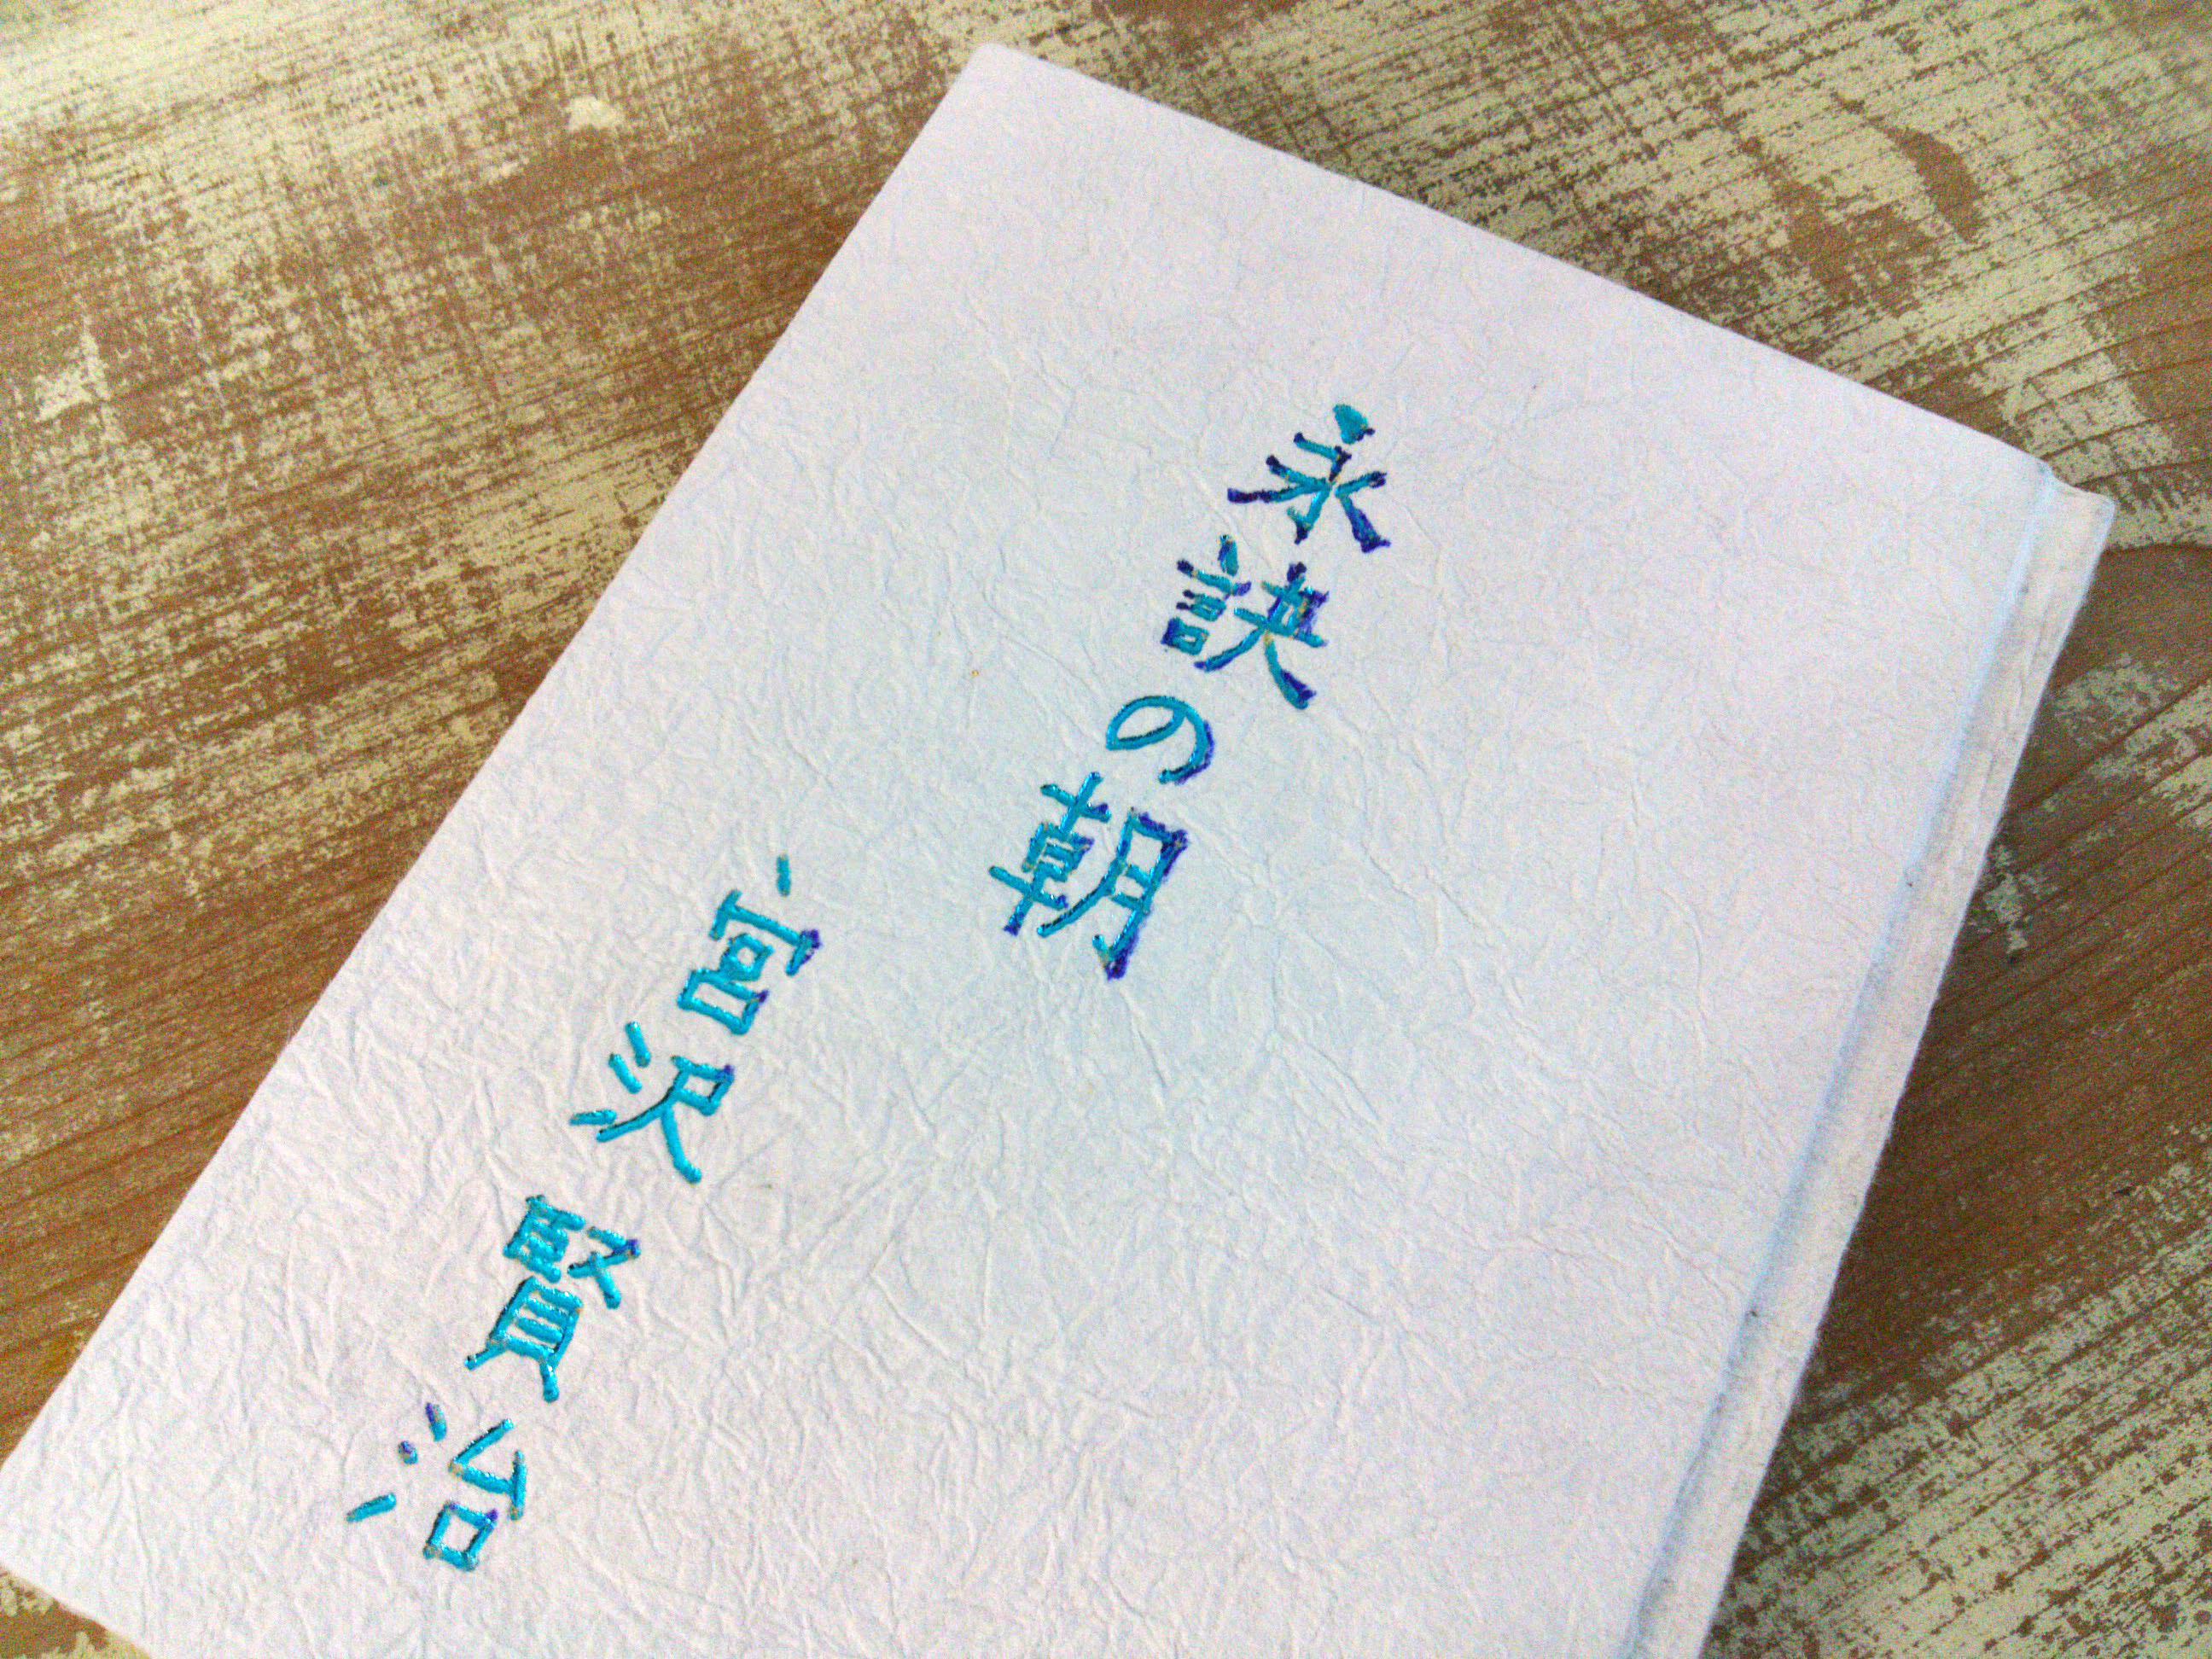 意味 永訣 の 朝 ❄️詩 「永訣の朝」(高2)